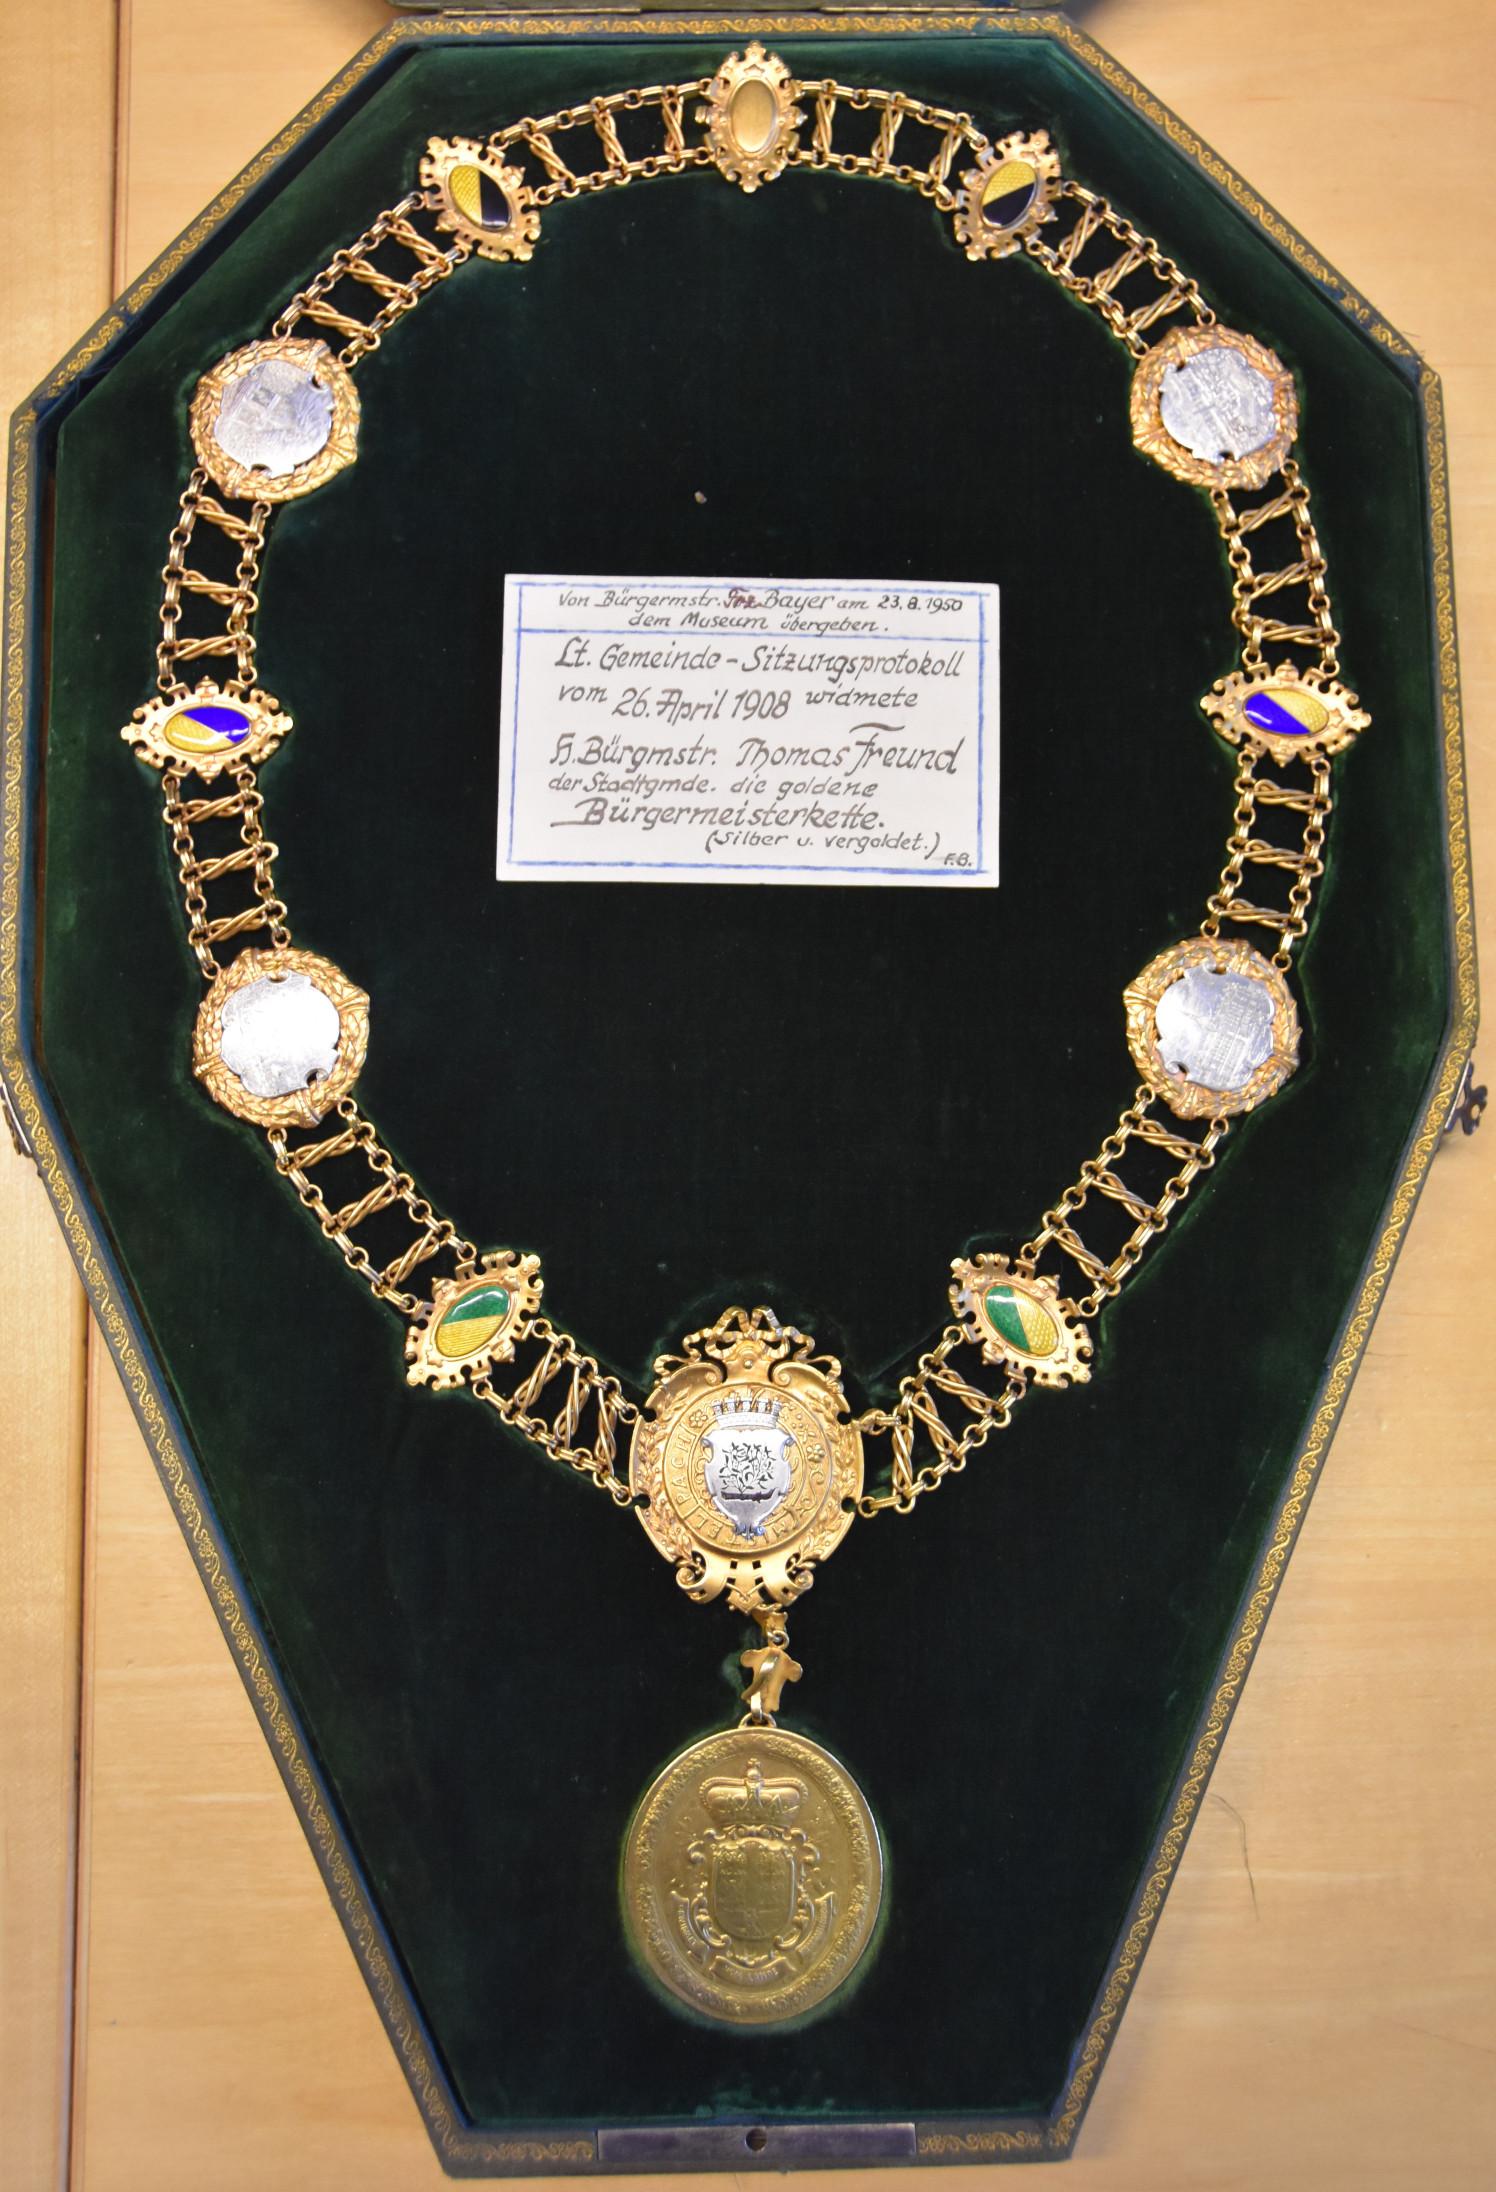 Die Bürgermeisterkette im Jahr 2019, nach der Überarbeitung Anfang der 2000er Jahre und die Rückseite der Bürgermeister-Medaille zeigend